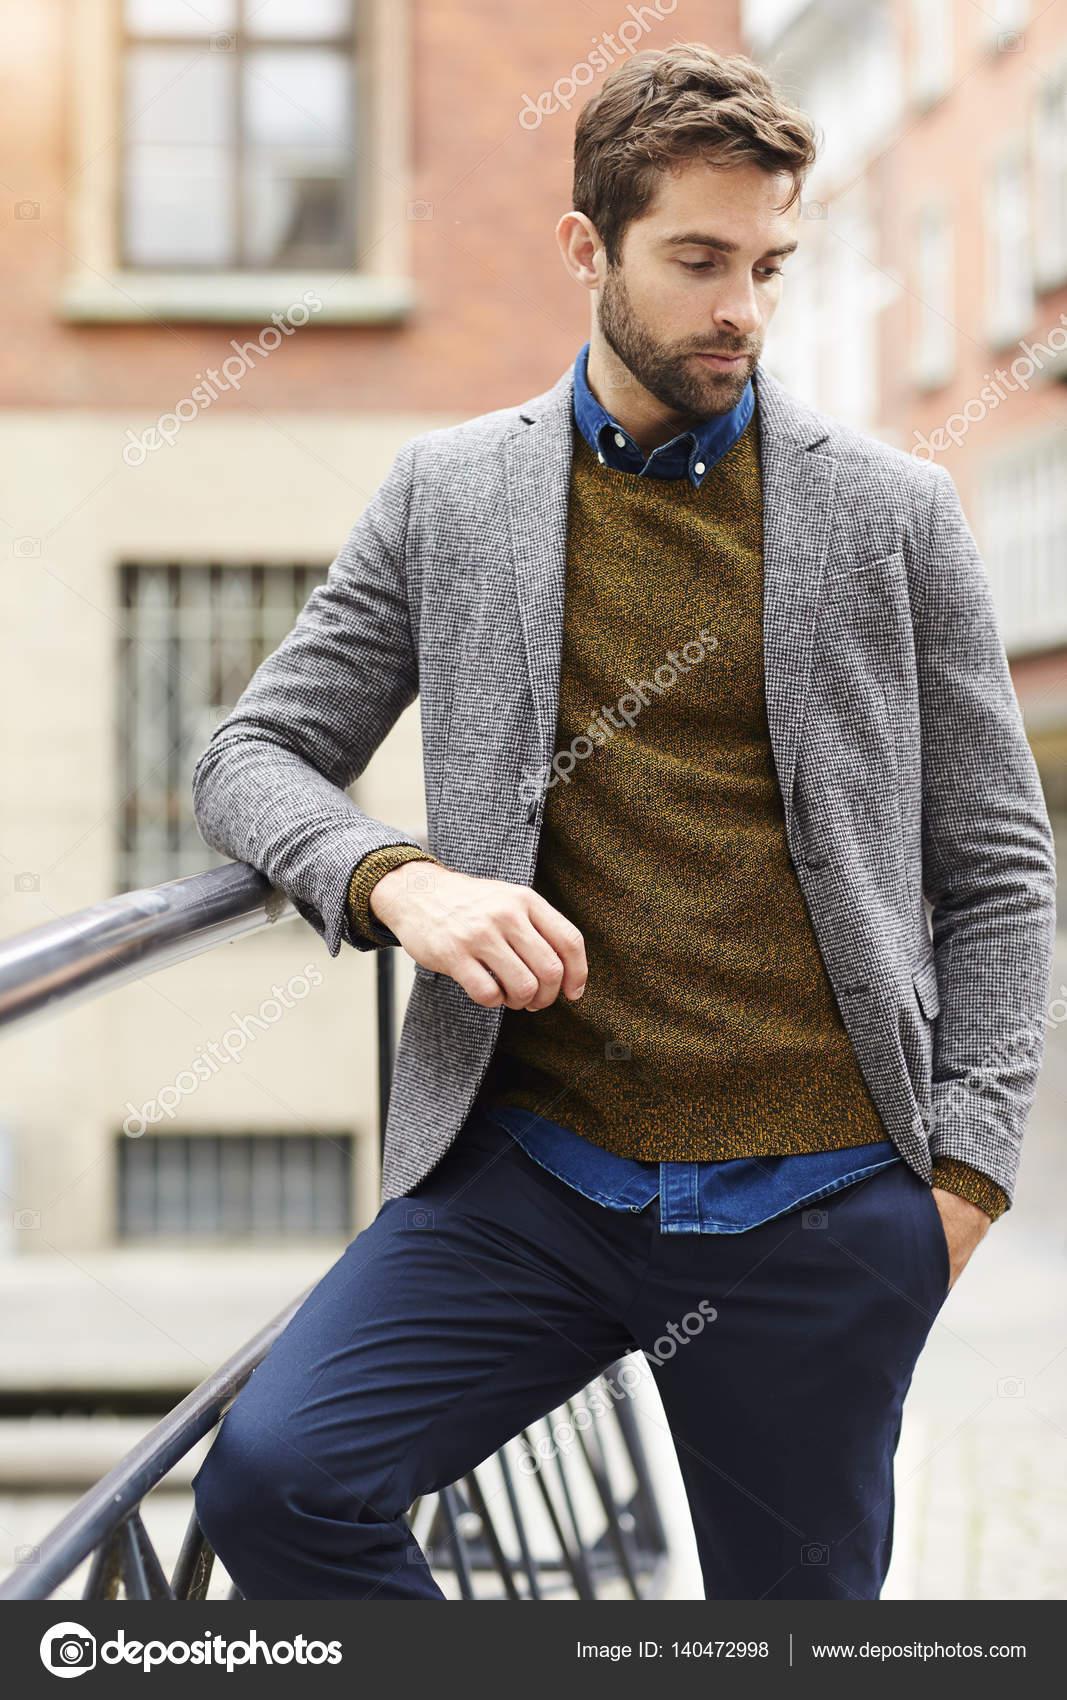 nuovo arrivo 9da80 dc1b1 Uomo bello in maglione e giacca — Foto Stock © sanneberg ...